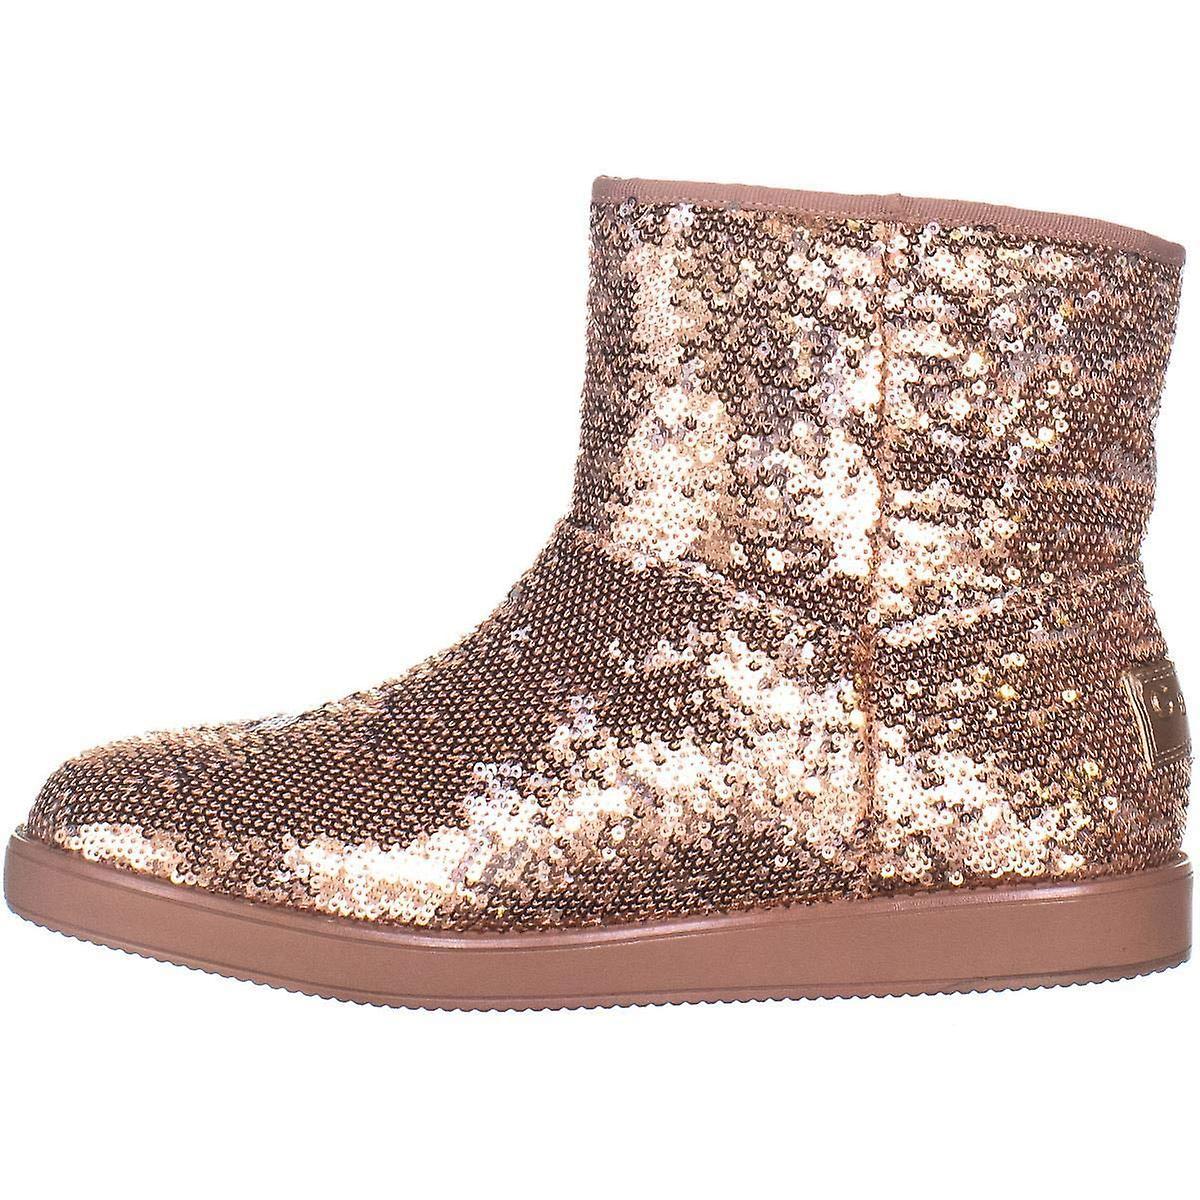 Guess damskie tkaniny Asella zamknięte toe kostki zimne buty pogodowe MtLMo